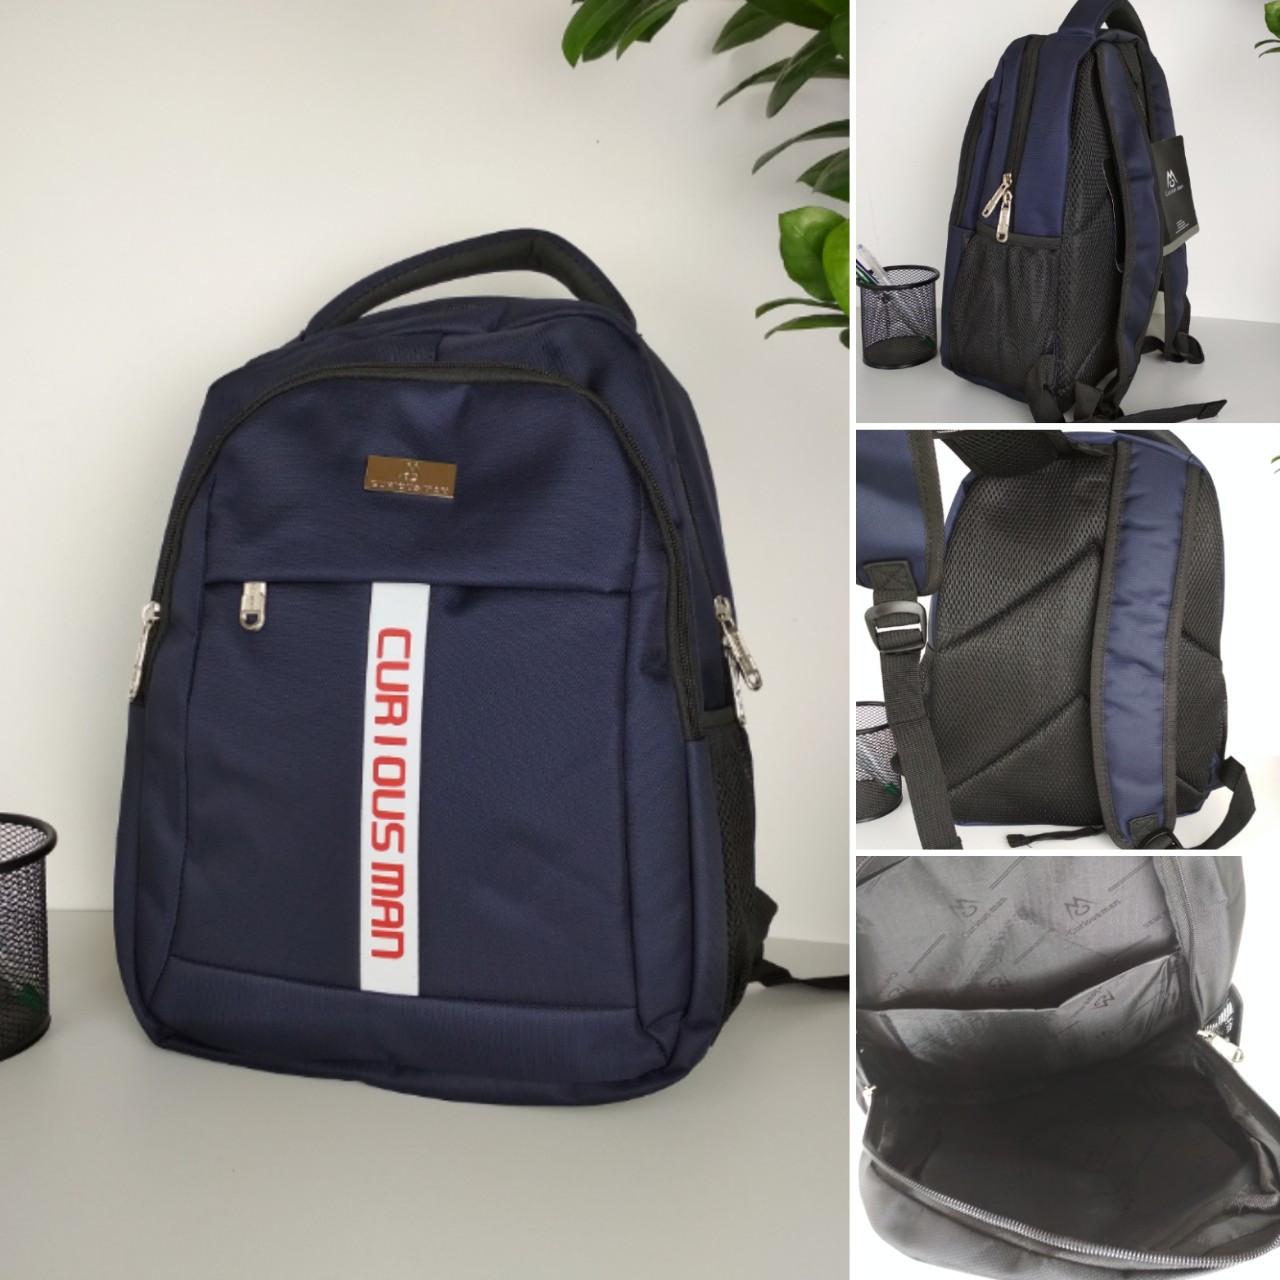 Подростковый городской рюкзак для мальчика 37*27*13 см